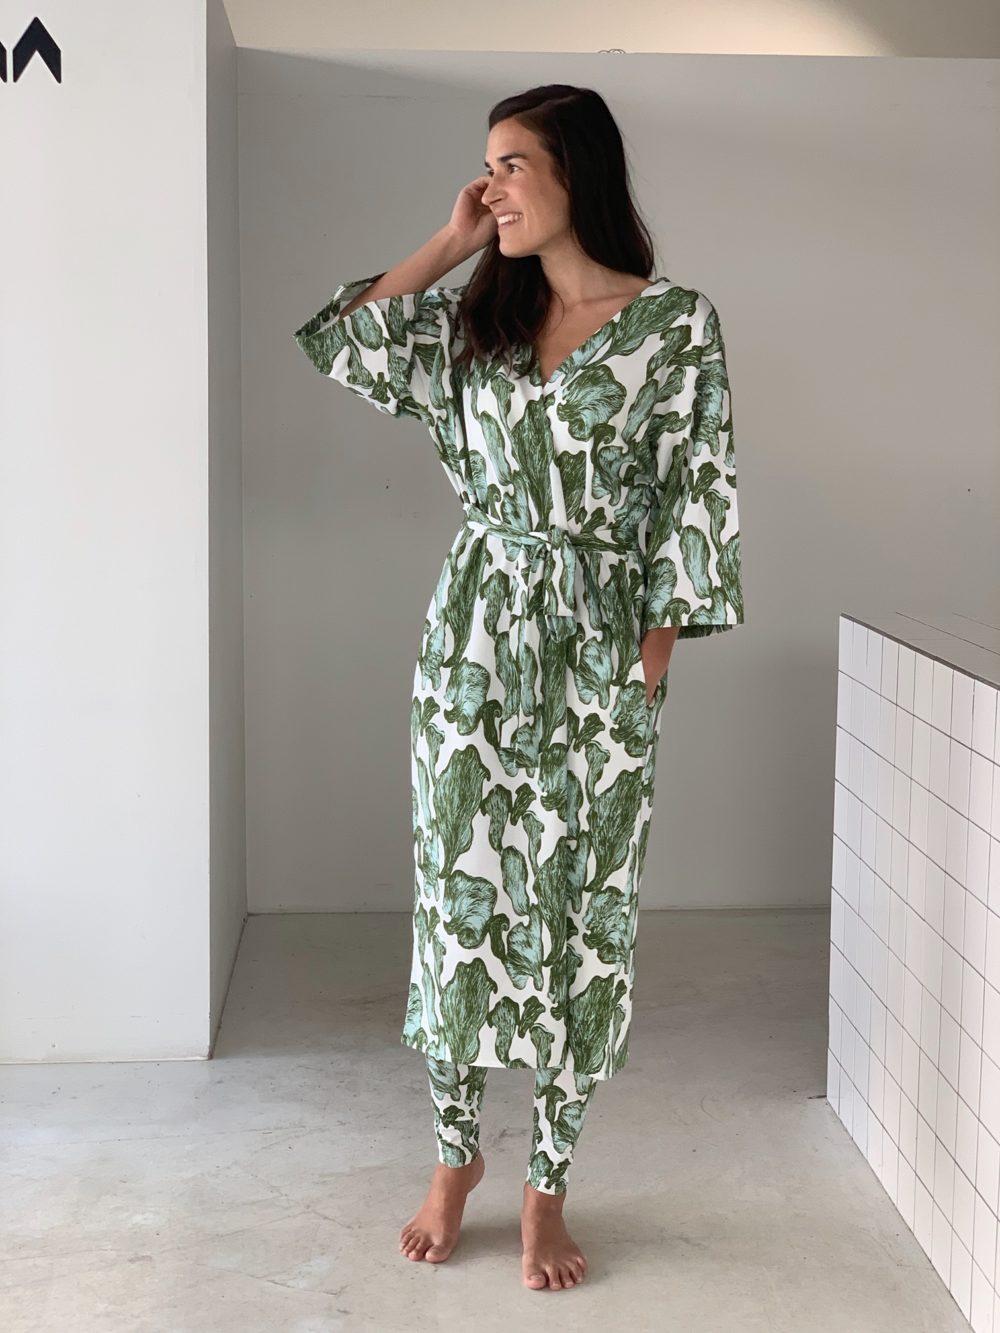 Vimma leggings KAINO Kanttarellit off-white-green XS-XL - KAINO, Kanttarellit, leggings, off-white-green, XS-XL